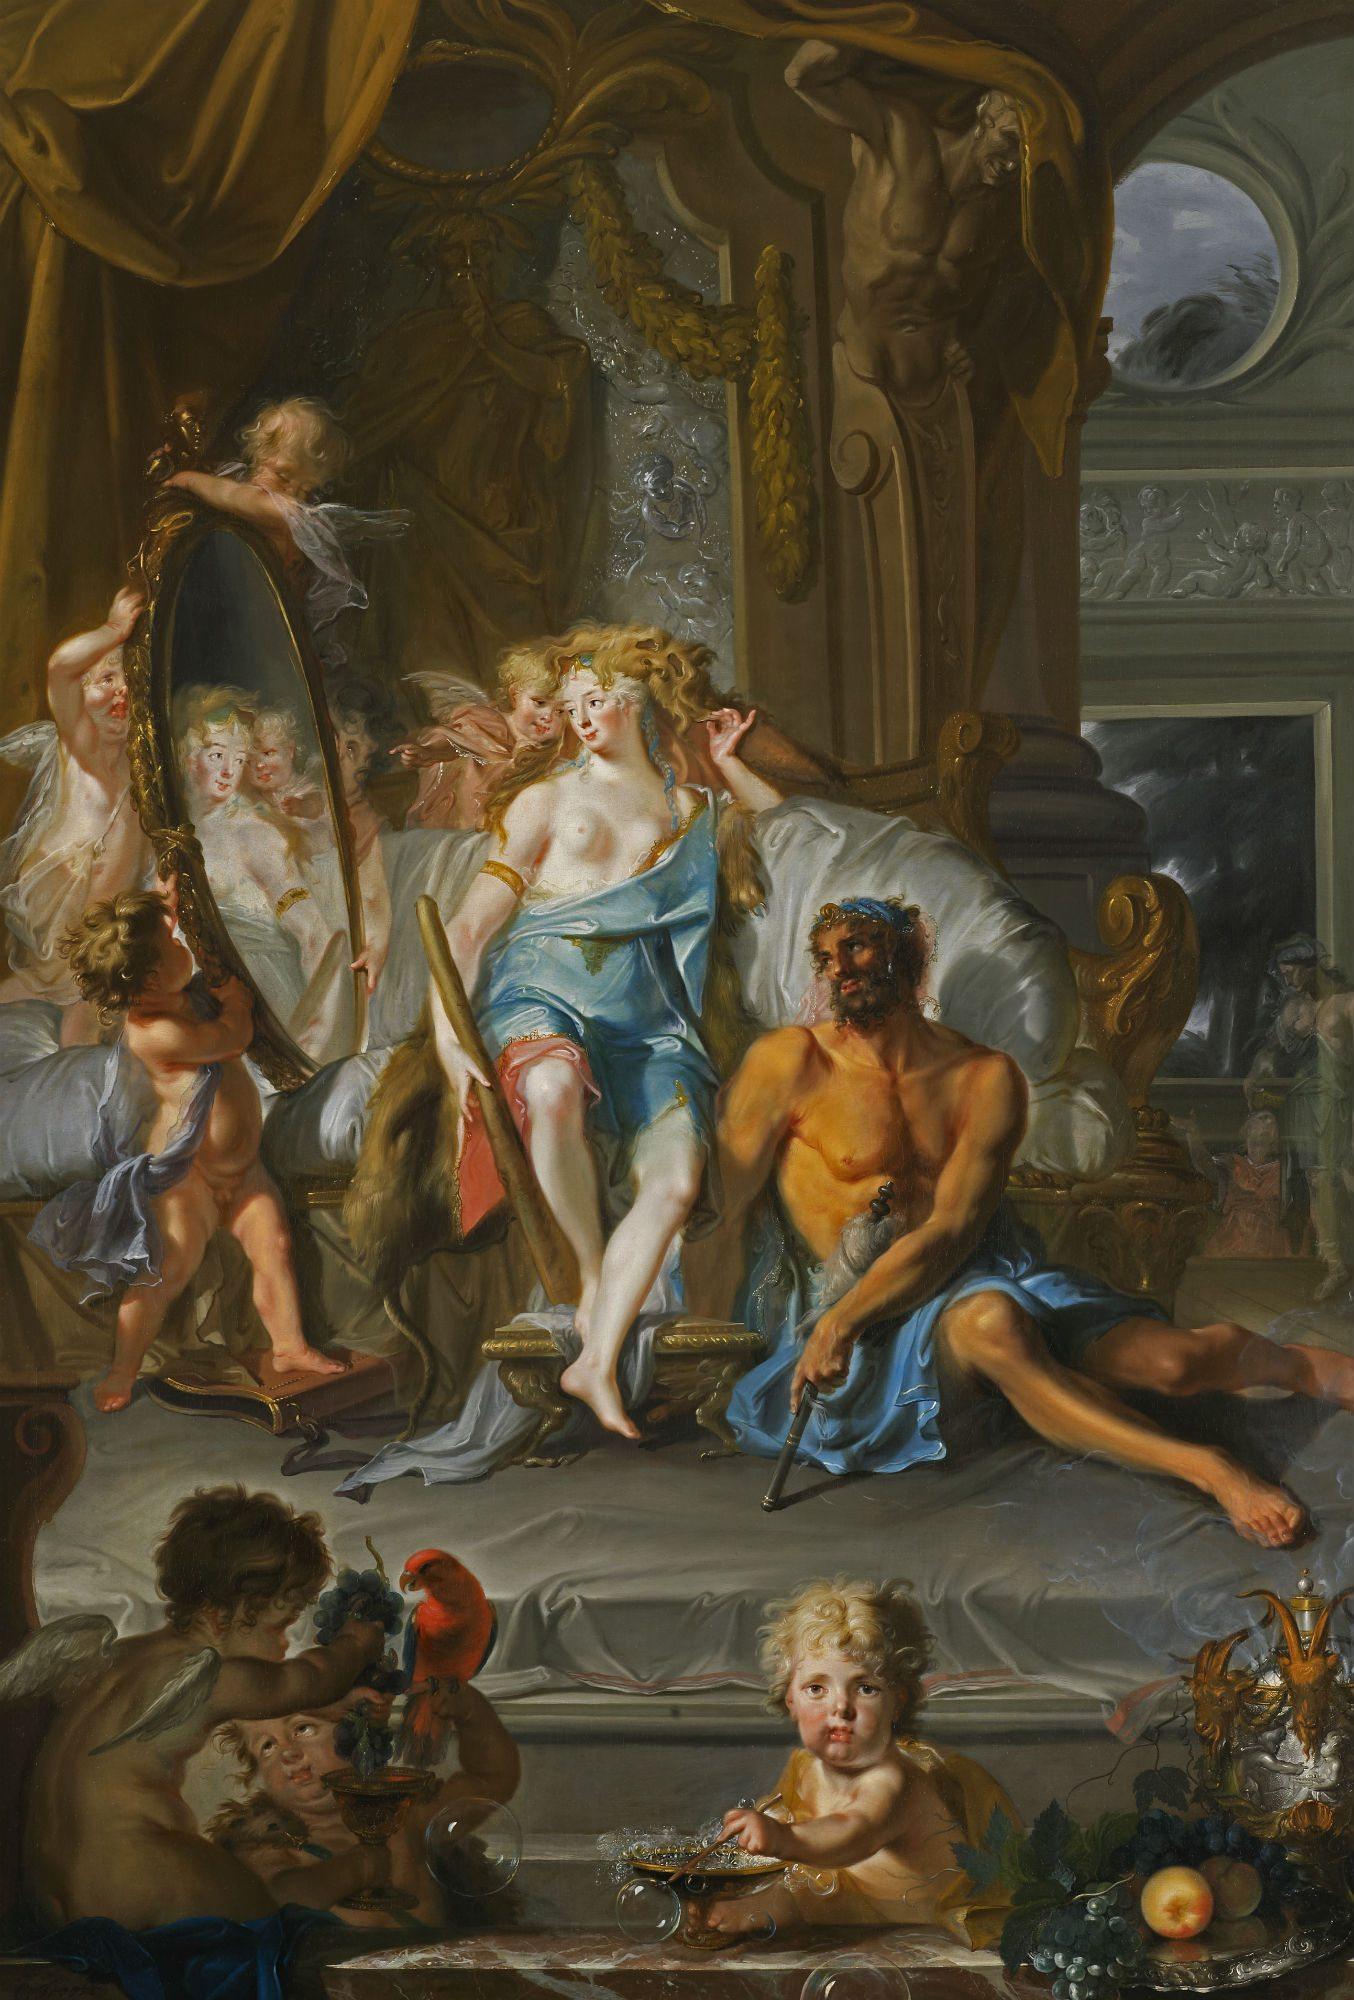 652_Cornelis Troost_Hercules en casa de Omphale_Oil on Canvas_238 x 170 cm_original